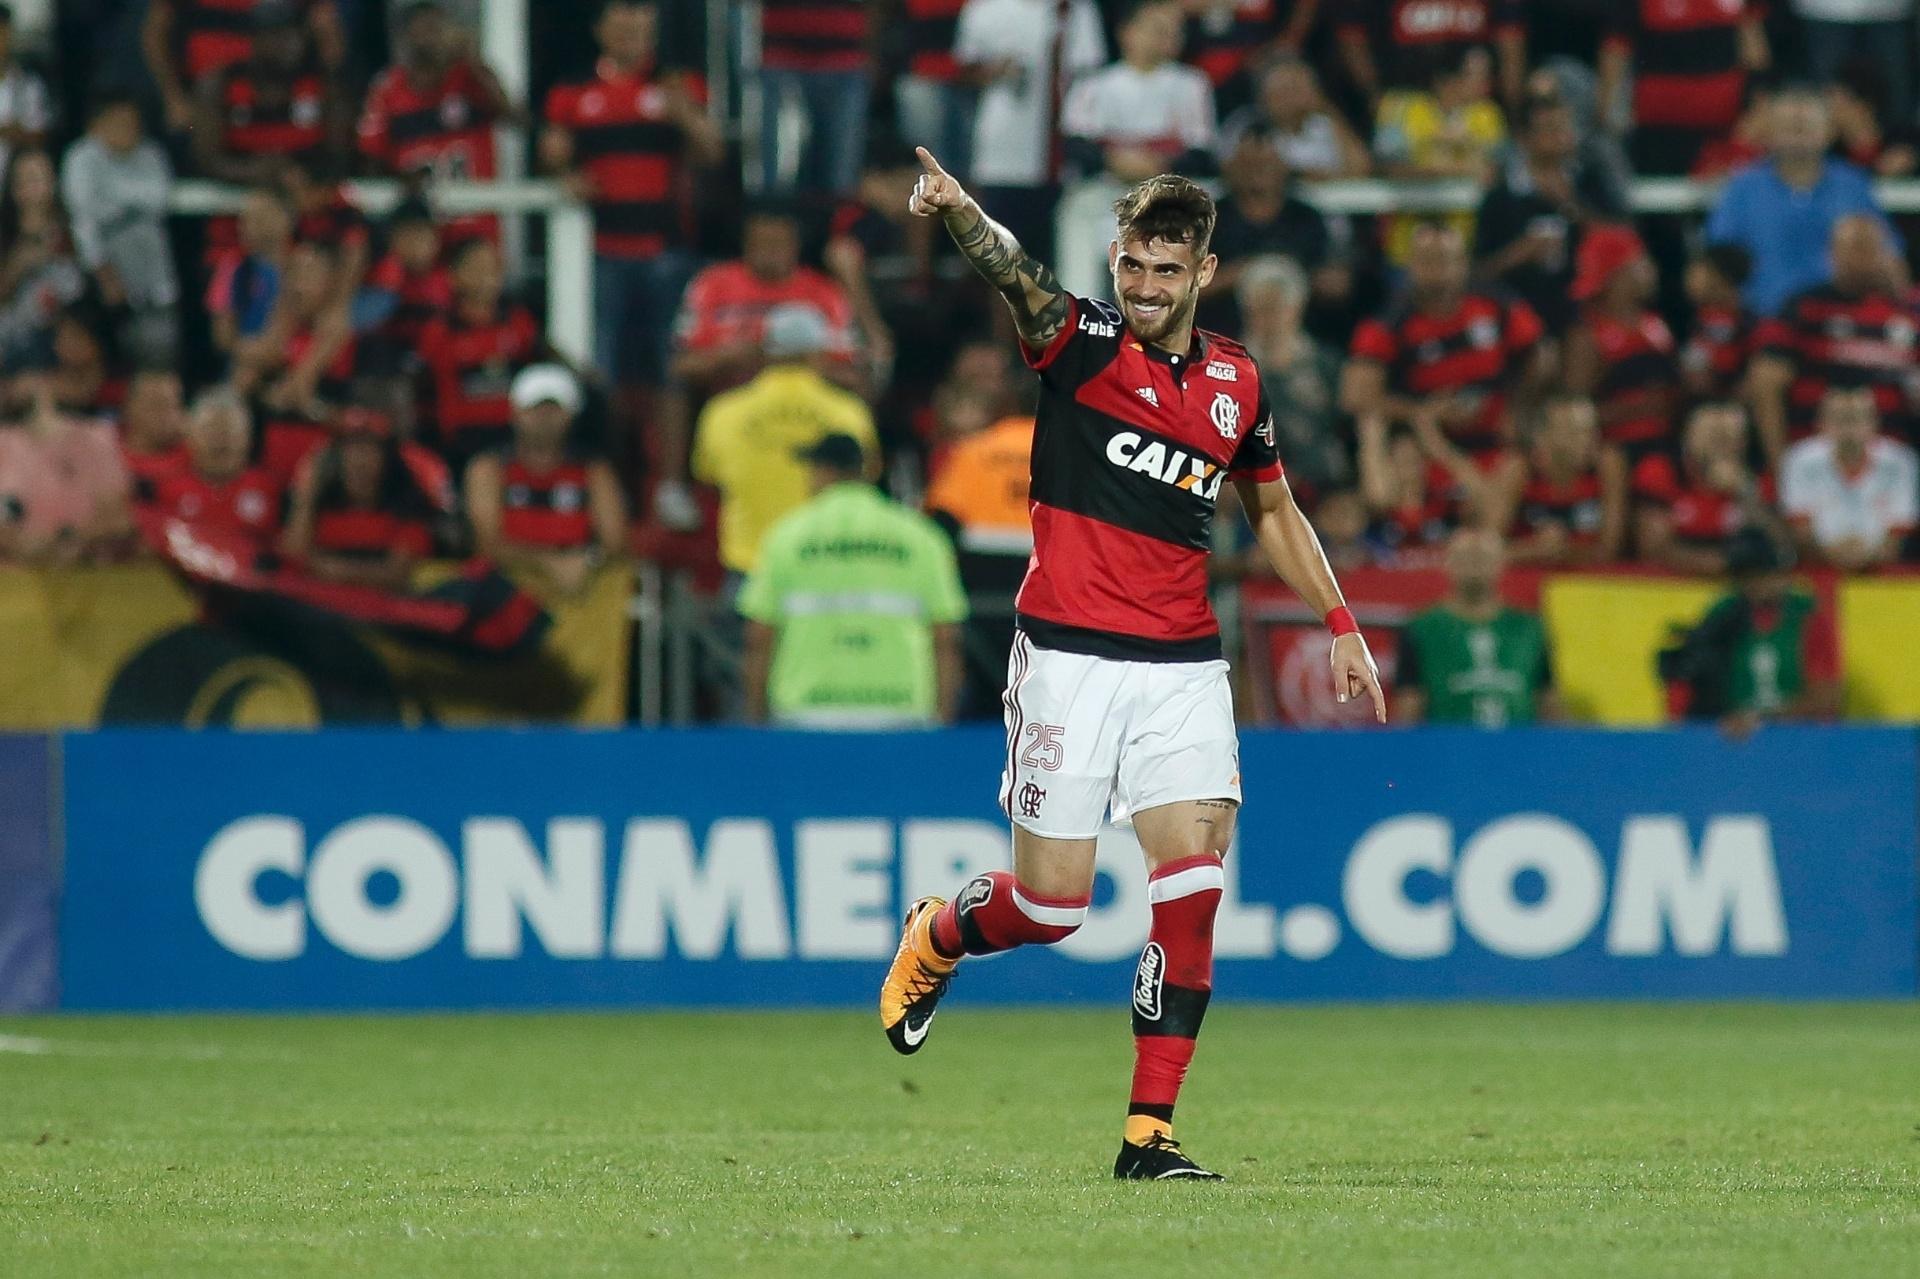 Tática de pressão e diferenças  os bastidores do acerto de Vizeu com Grêmio  - 06 01 2019 - UOL Esporte 09c8a3c45b2d8